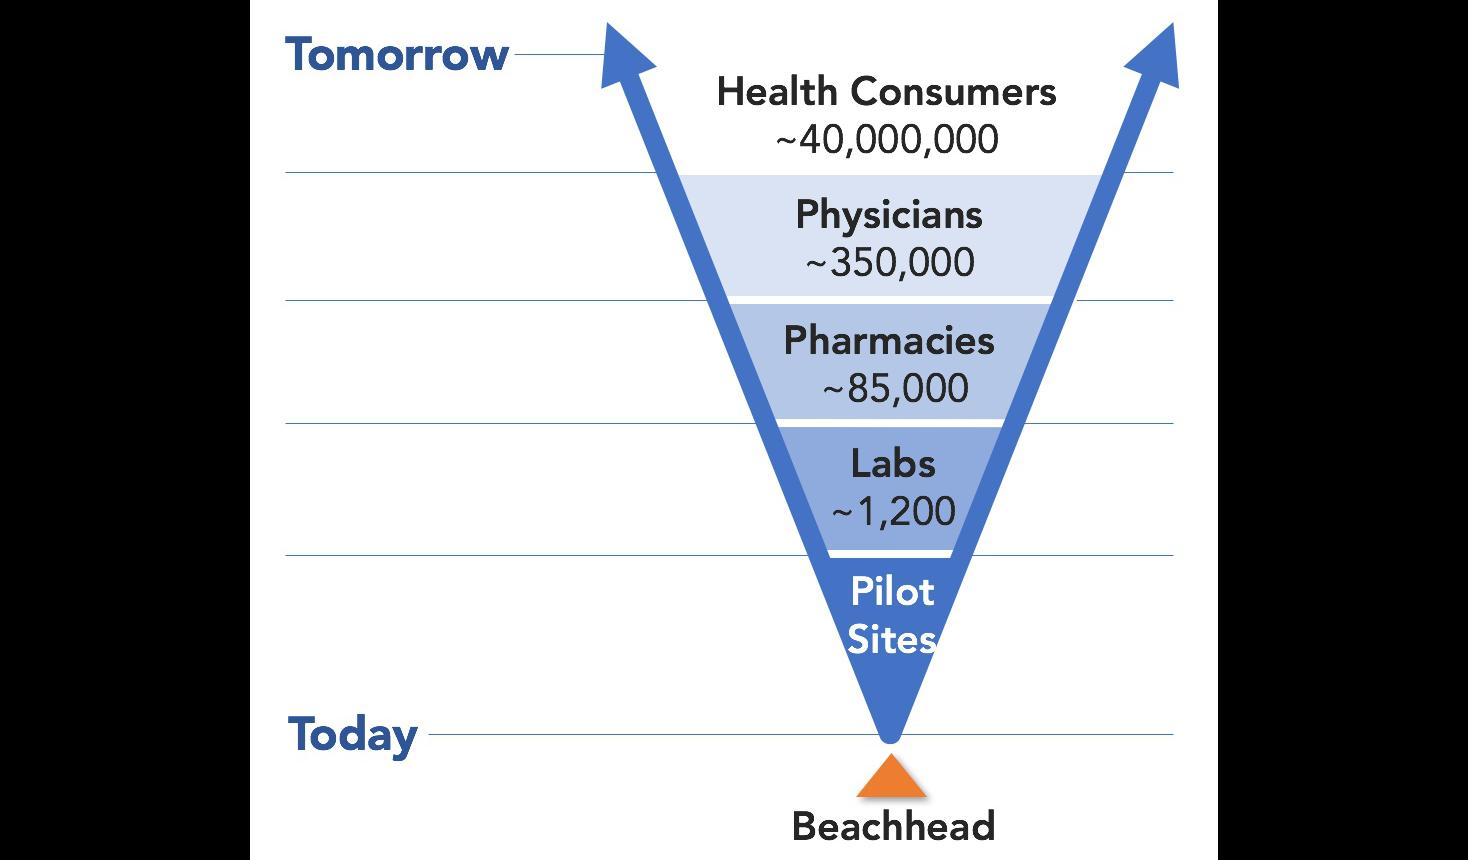 Healthcare niche markets